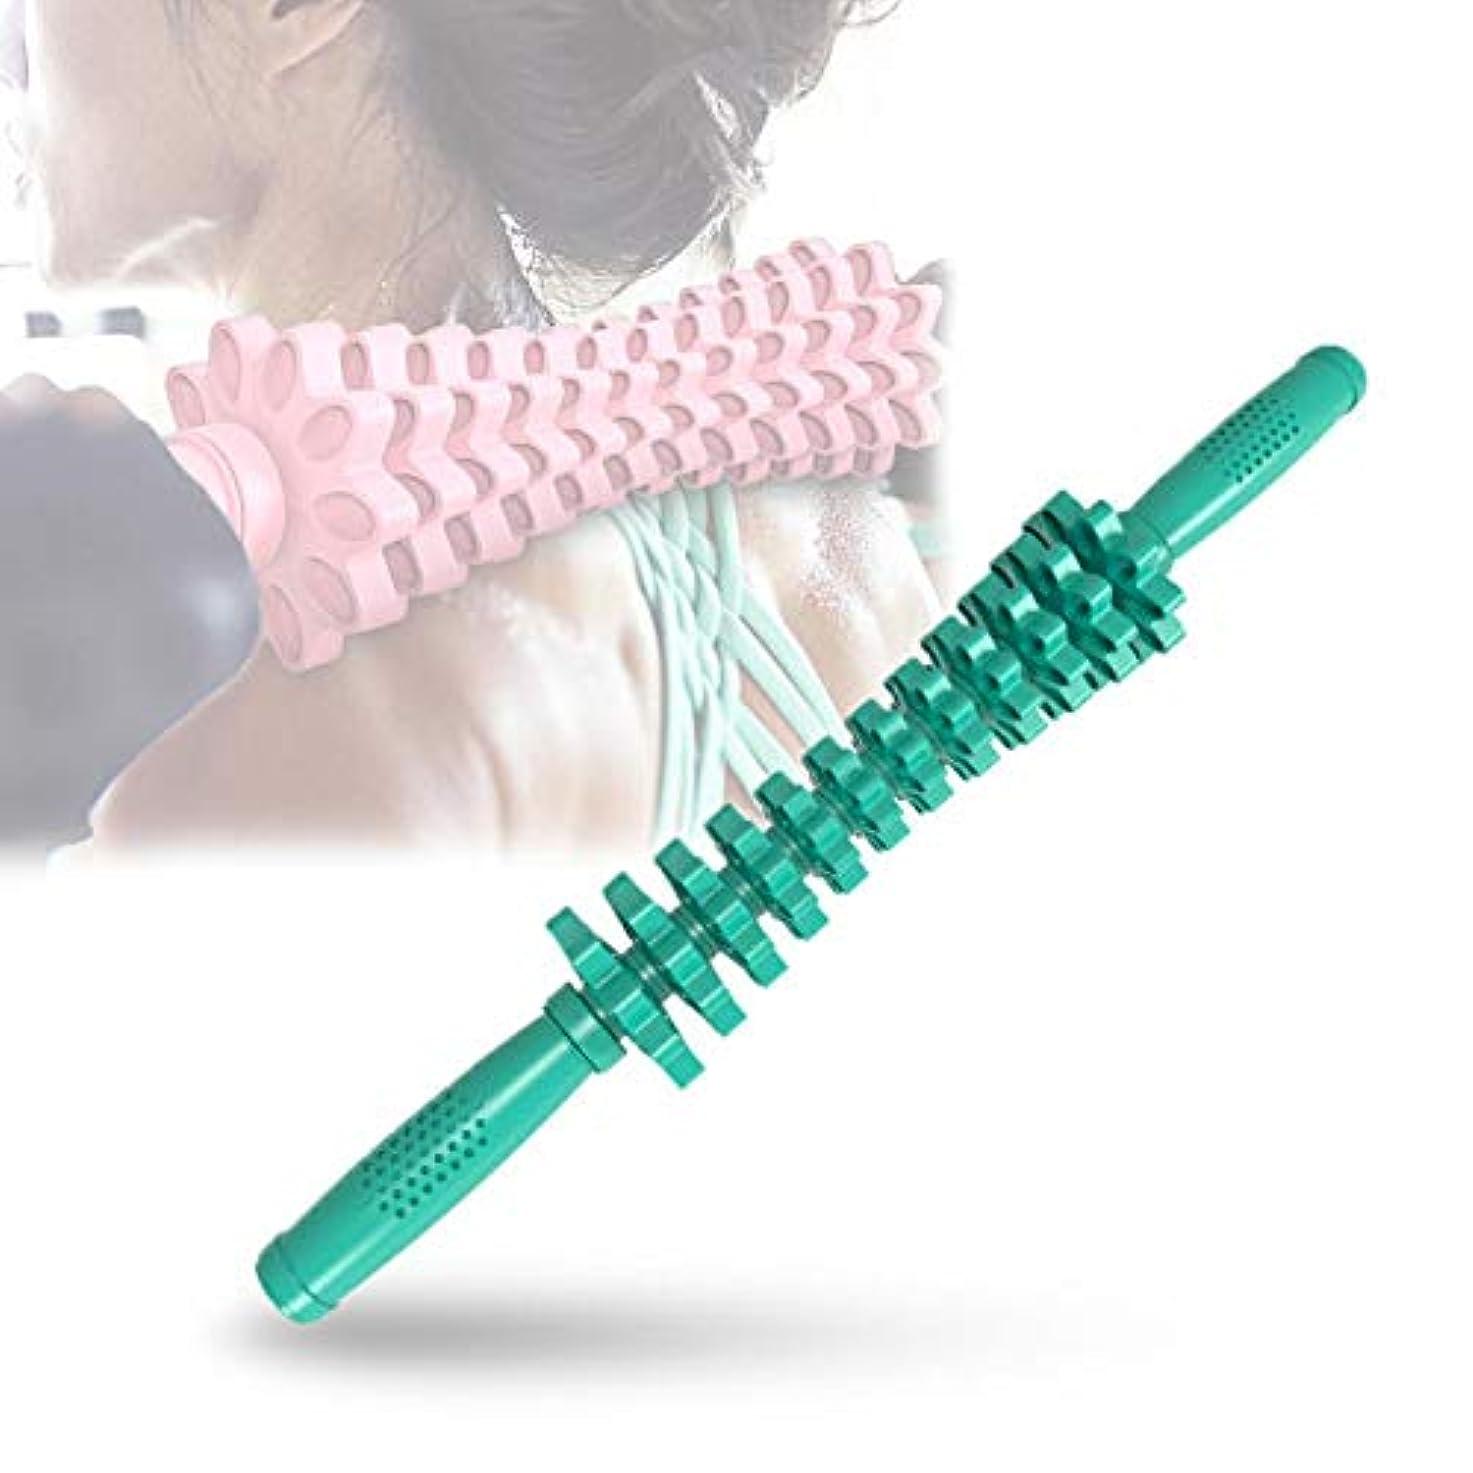 飛び込む悪の提案フォームローラー 筋肉マッサージおよび筋筋膜のトリガーポイント解放のためのギヤマッサージャーの取り外し可能なポリ塩化ビニールの快適な滑り止め